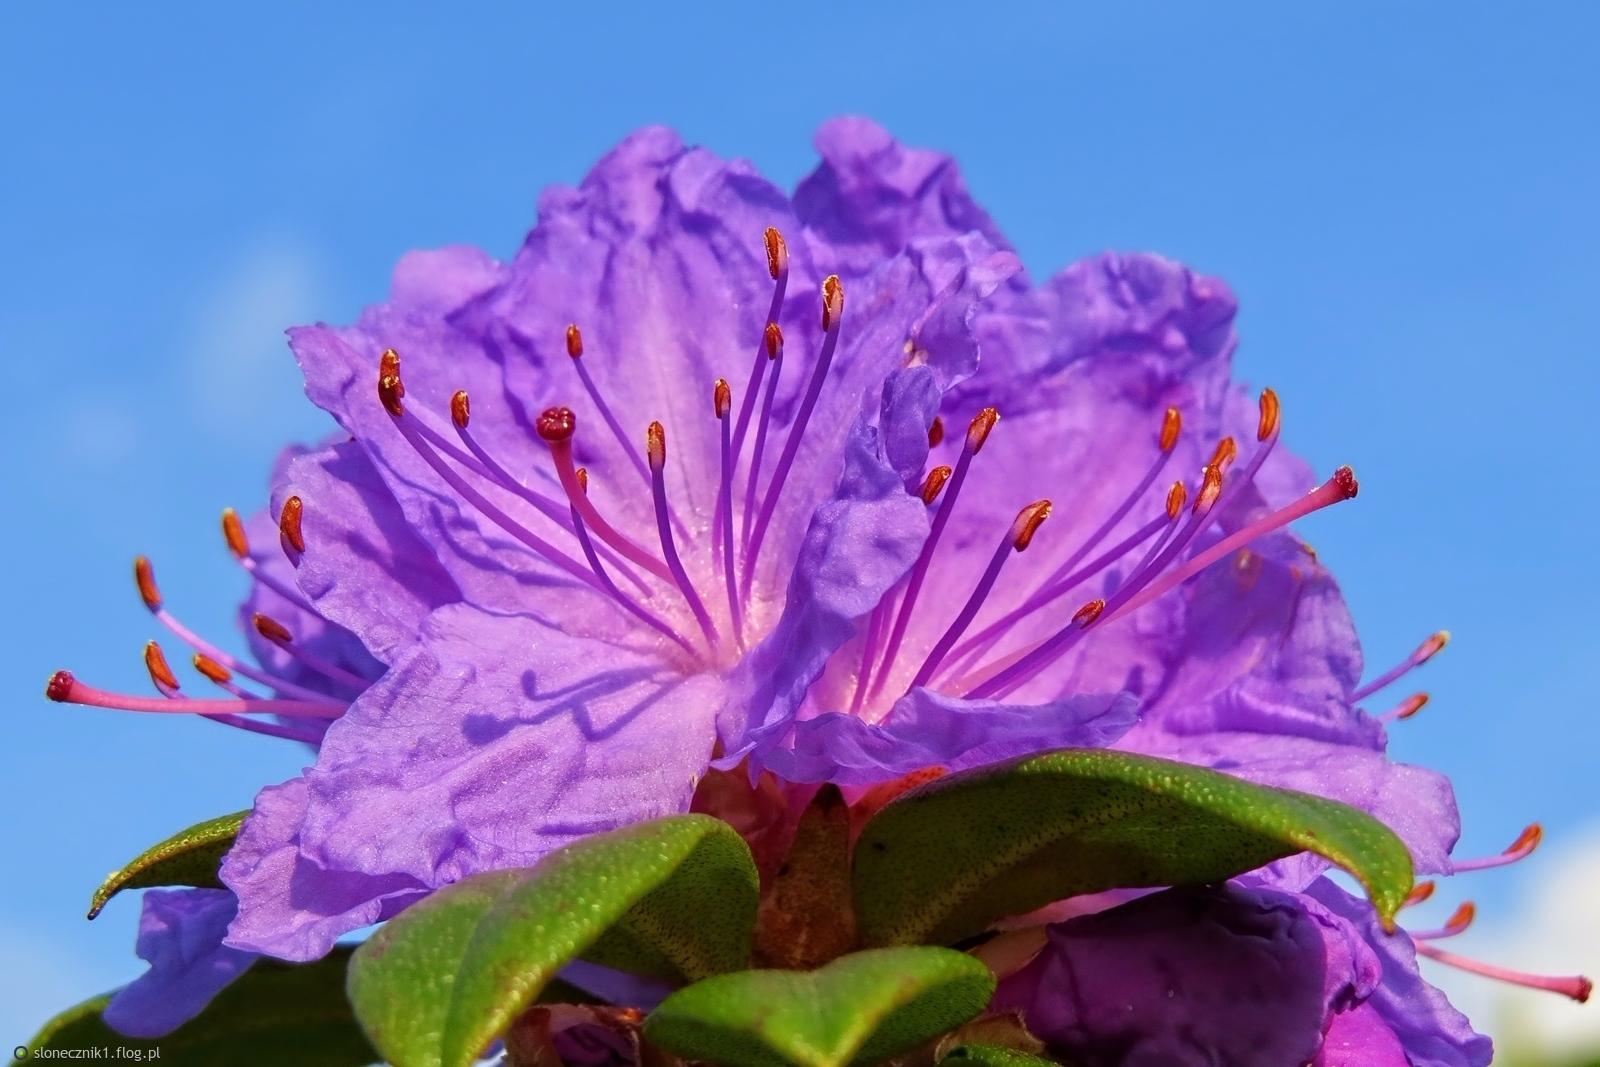 Ogrodowo - rodonendronowy zawrót głowy :) ... bo lubisz kwiaty